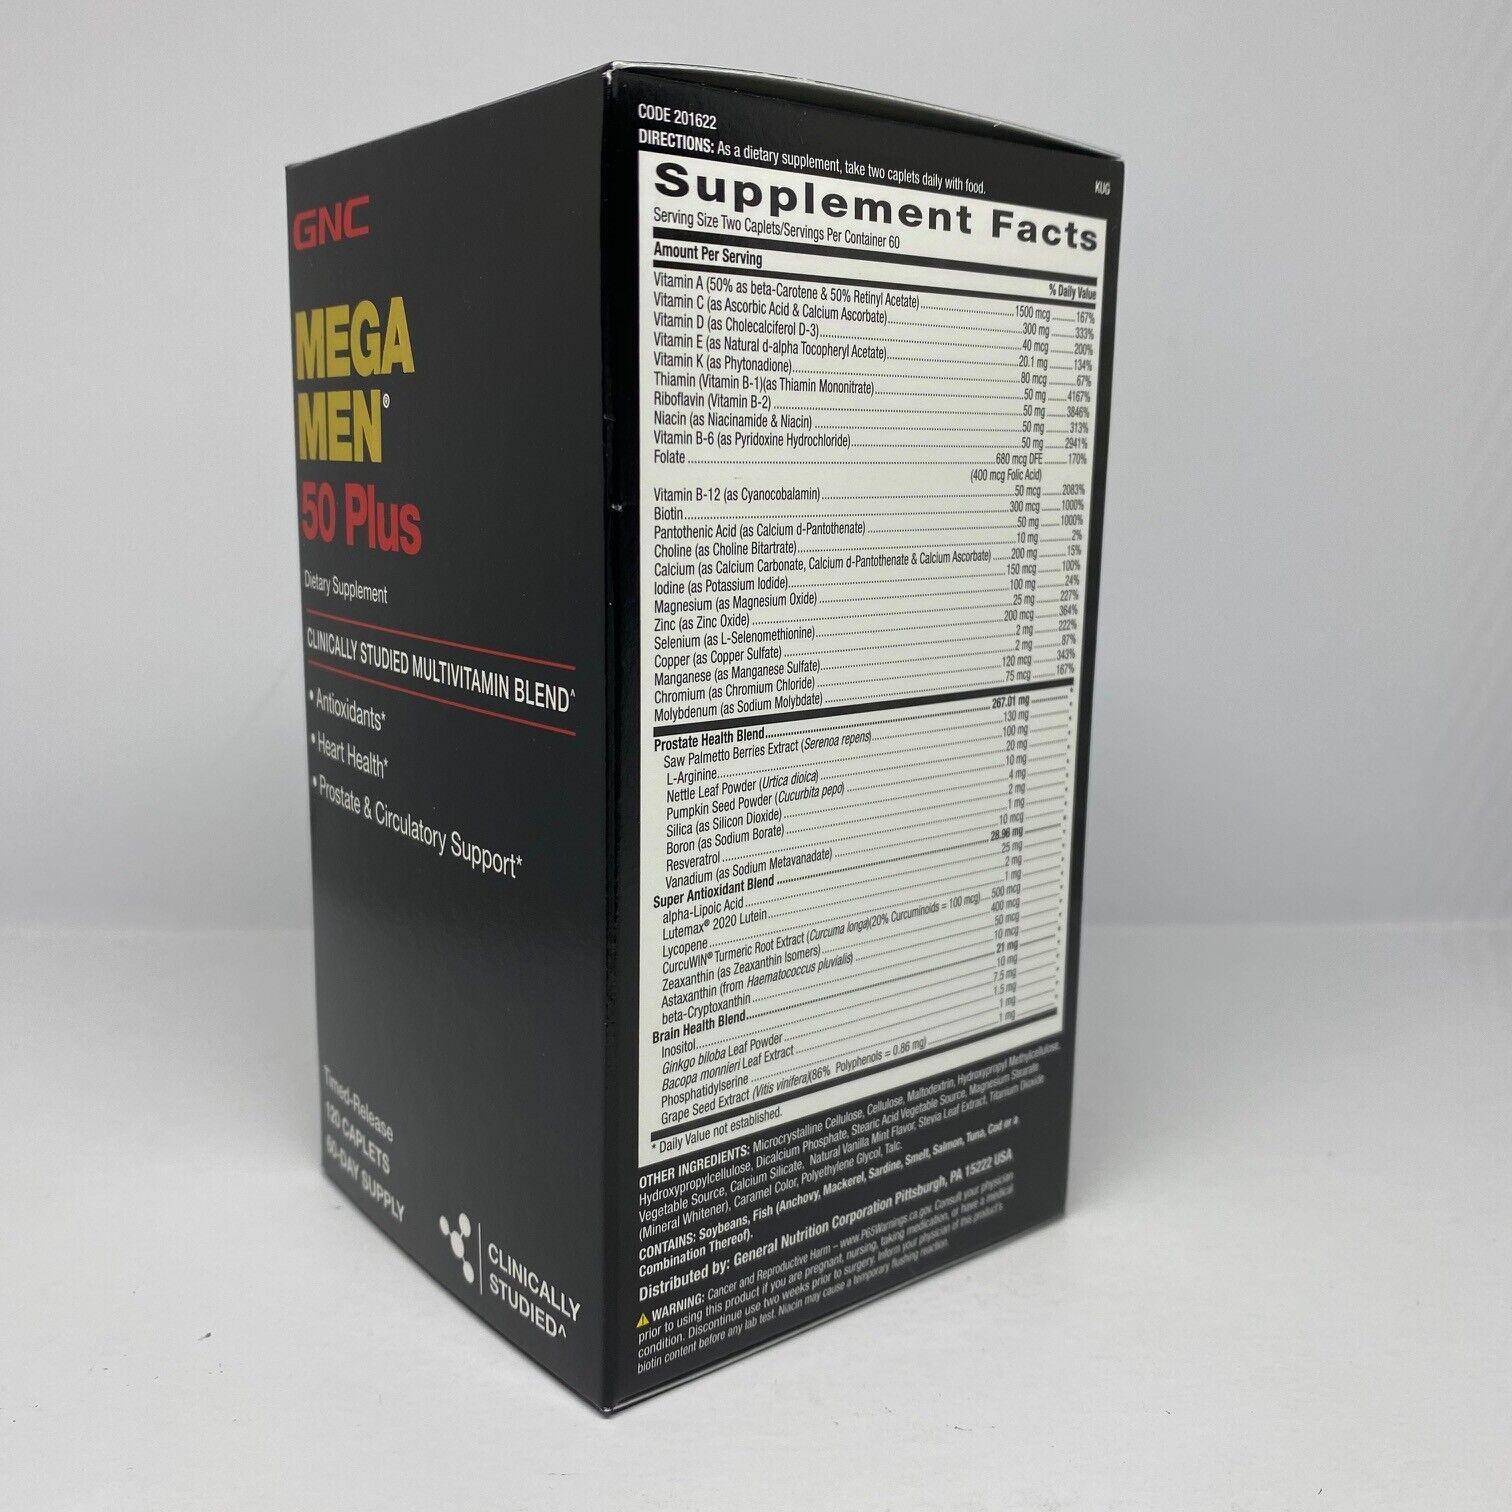 GNC Mega Men 50 Plus 120 Caplets  Free Shipping 1